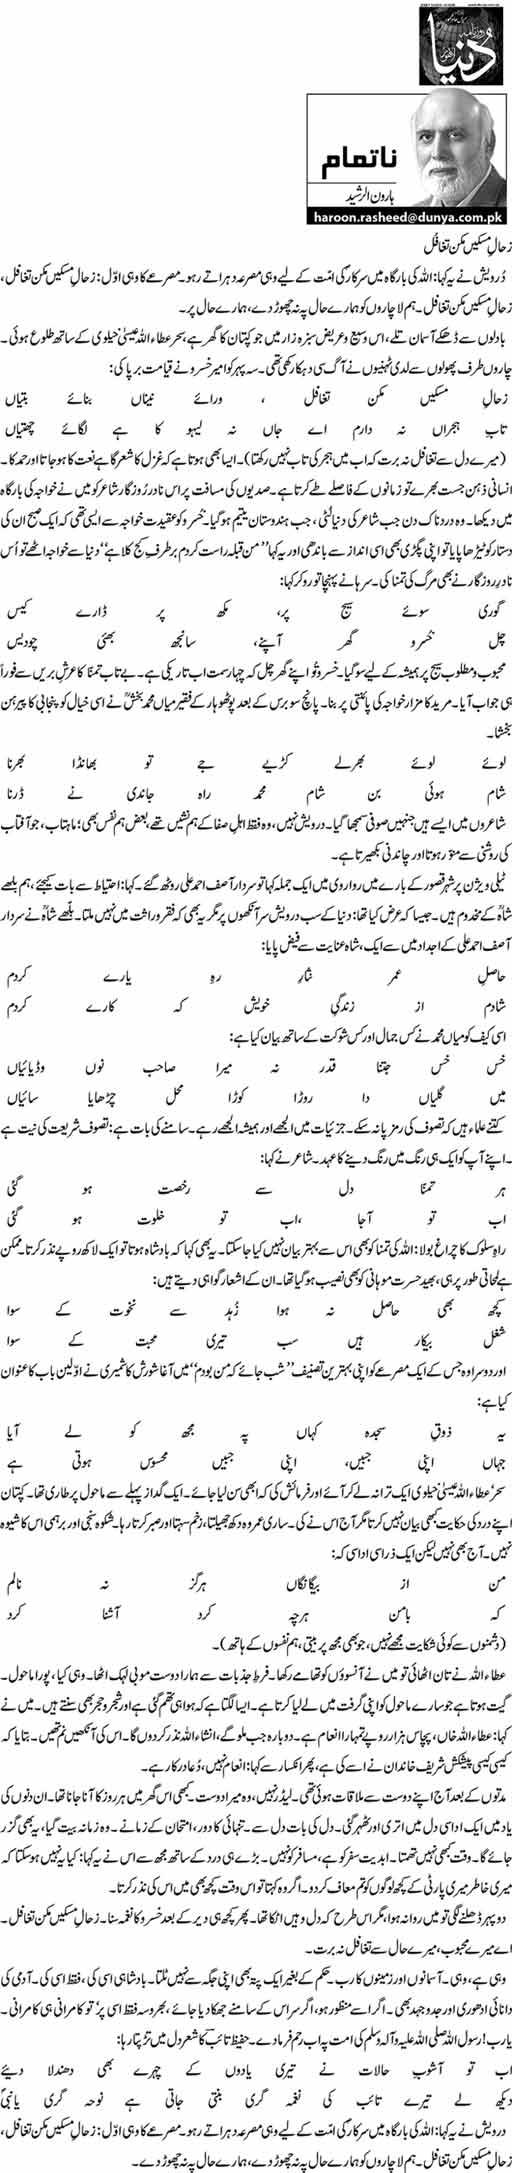 Zuhal e Maskeen Makan Taghaful - Haroon-ur-Rasheed